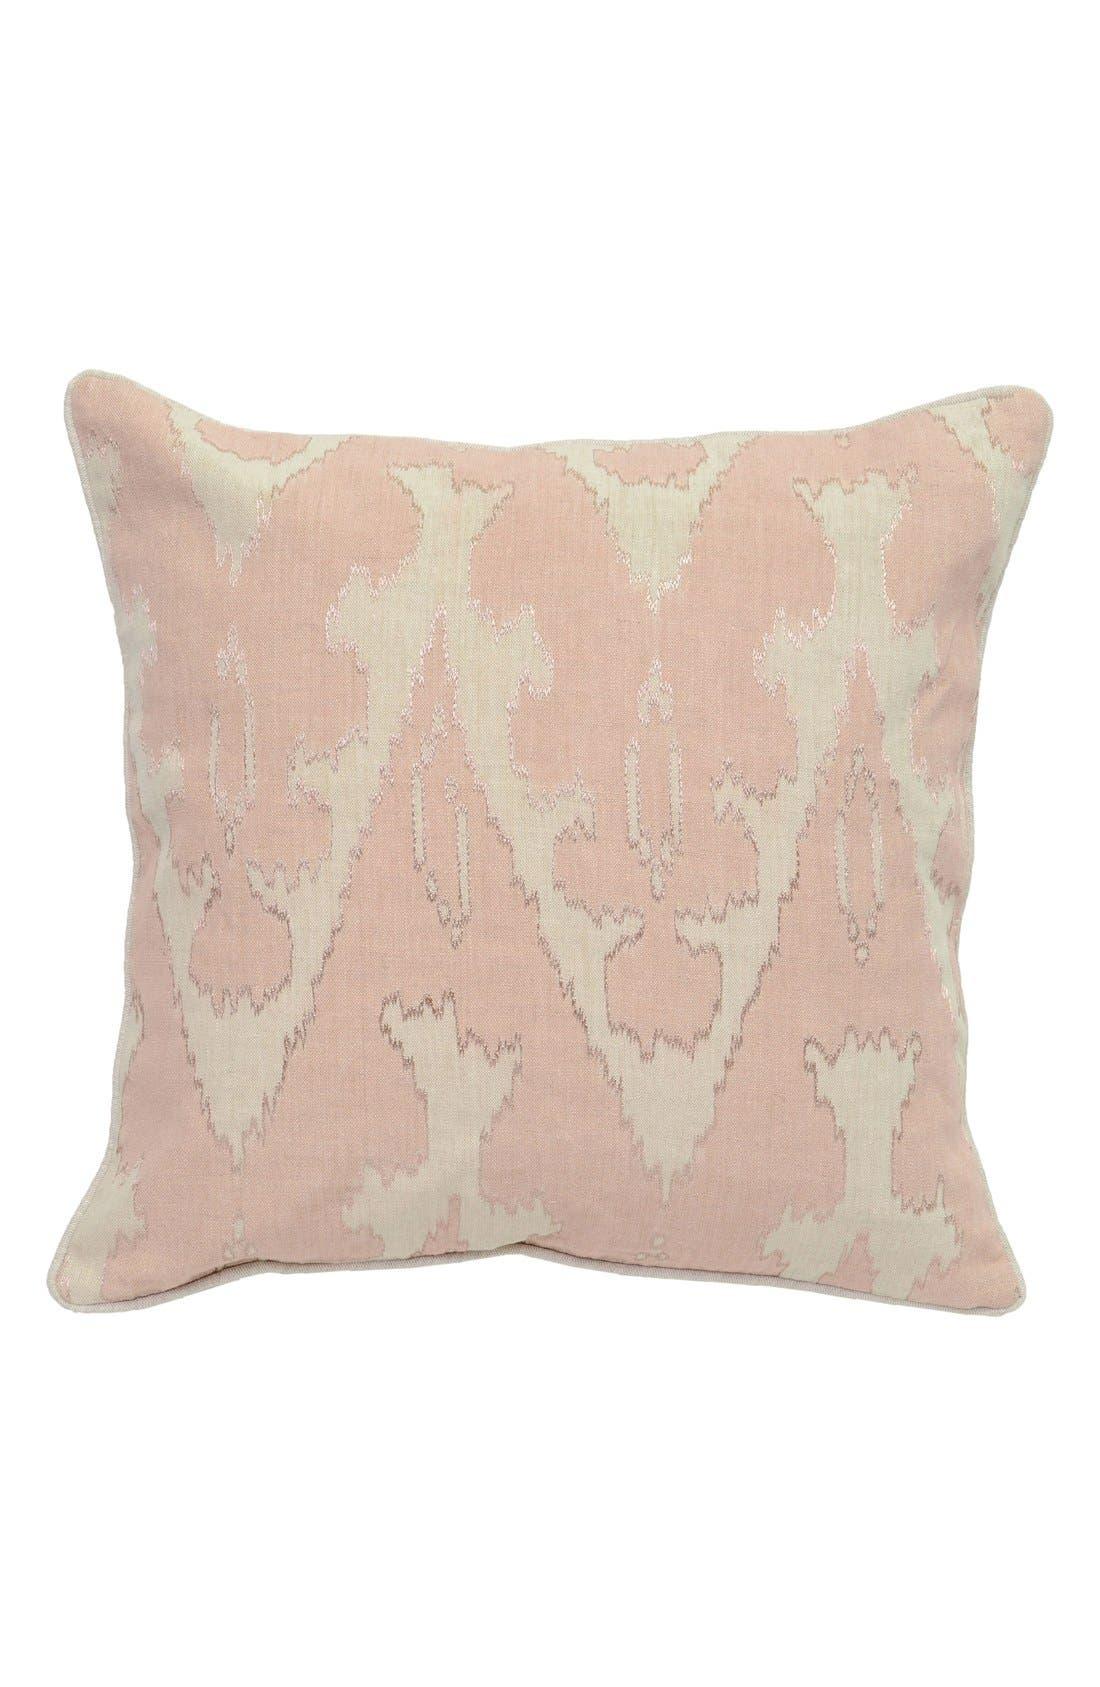 Fae Accent Pillow,                         Main,                         color, BEIGE/ BLUSH